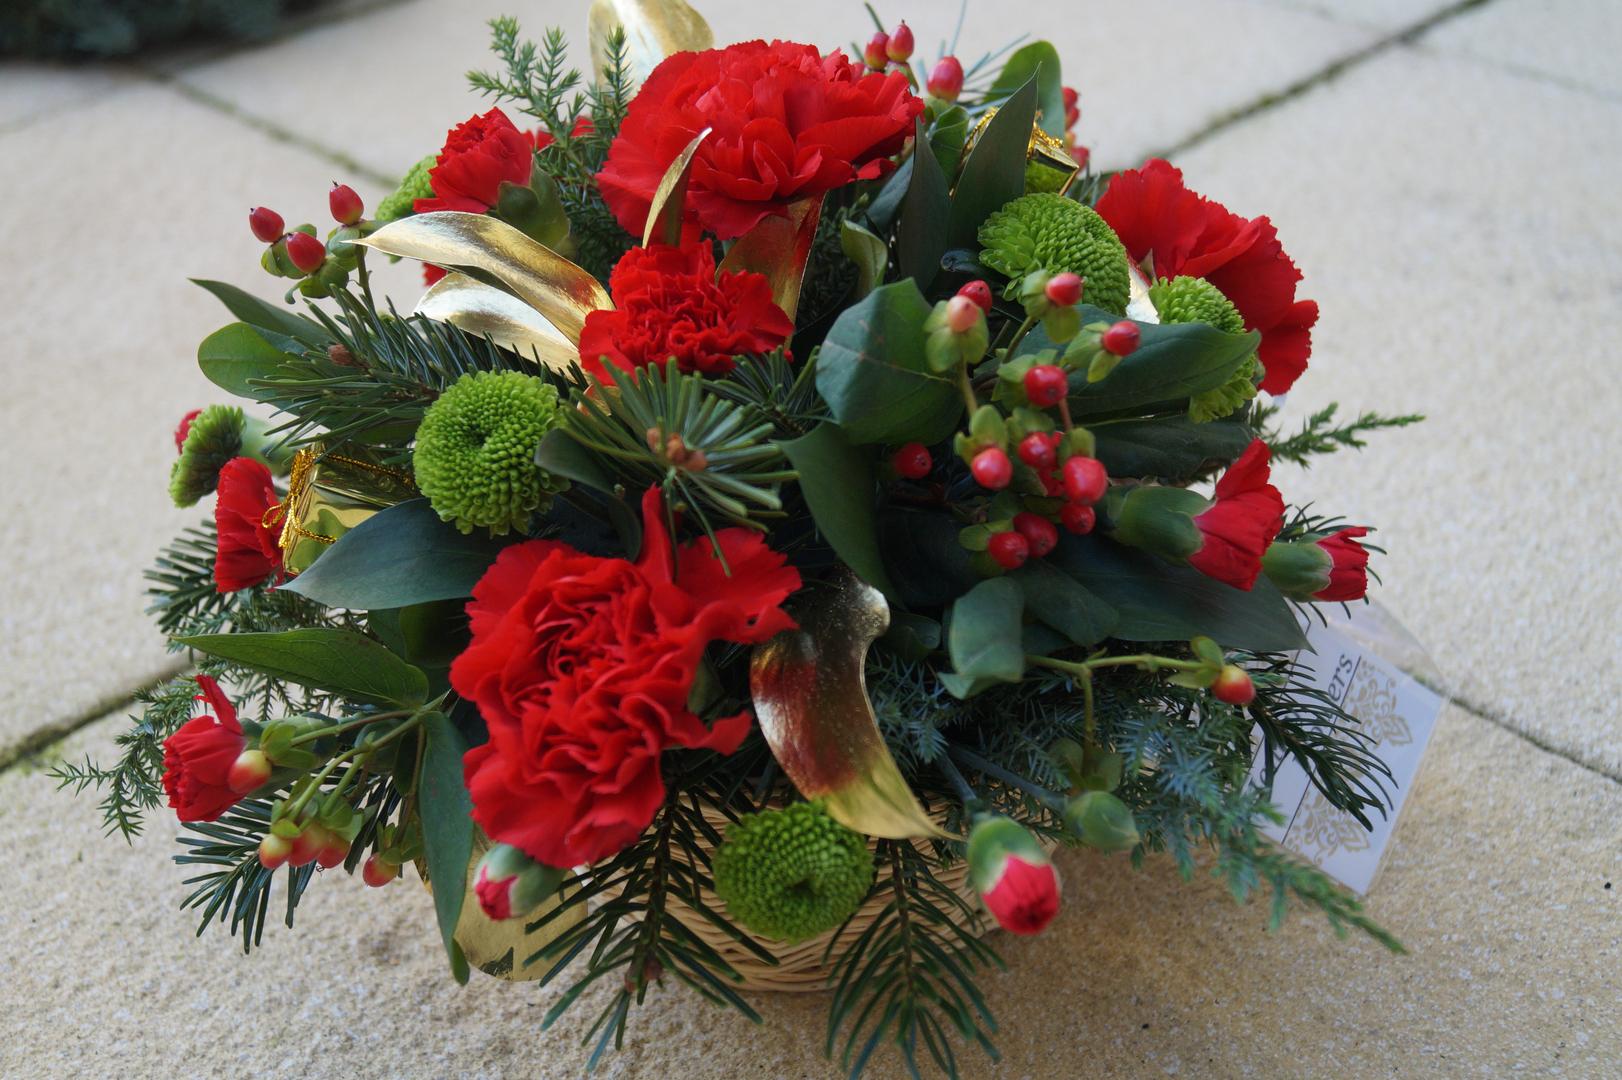 christmas-ideas-decorating-home-usa